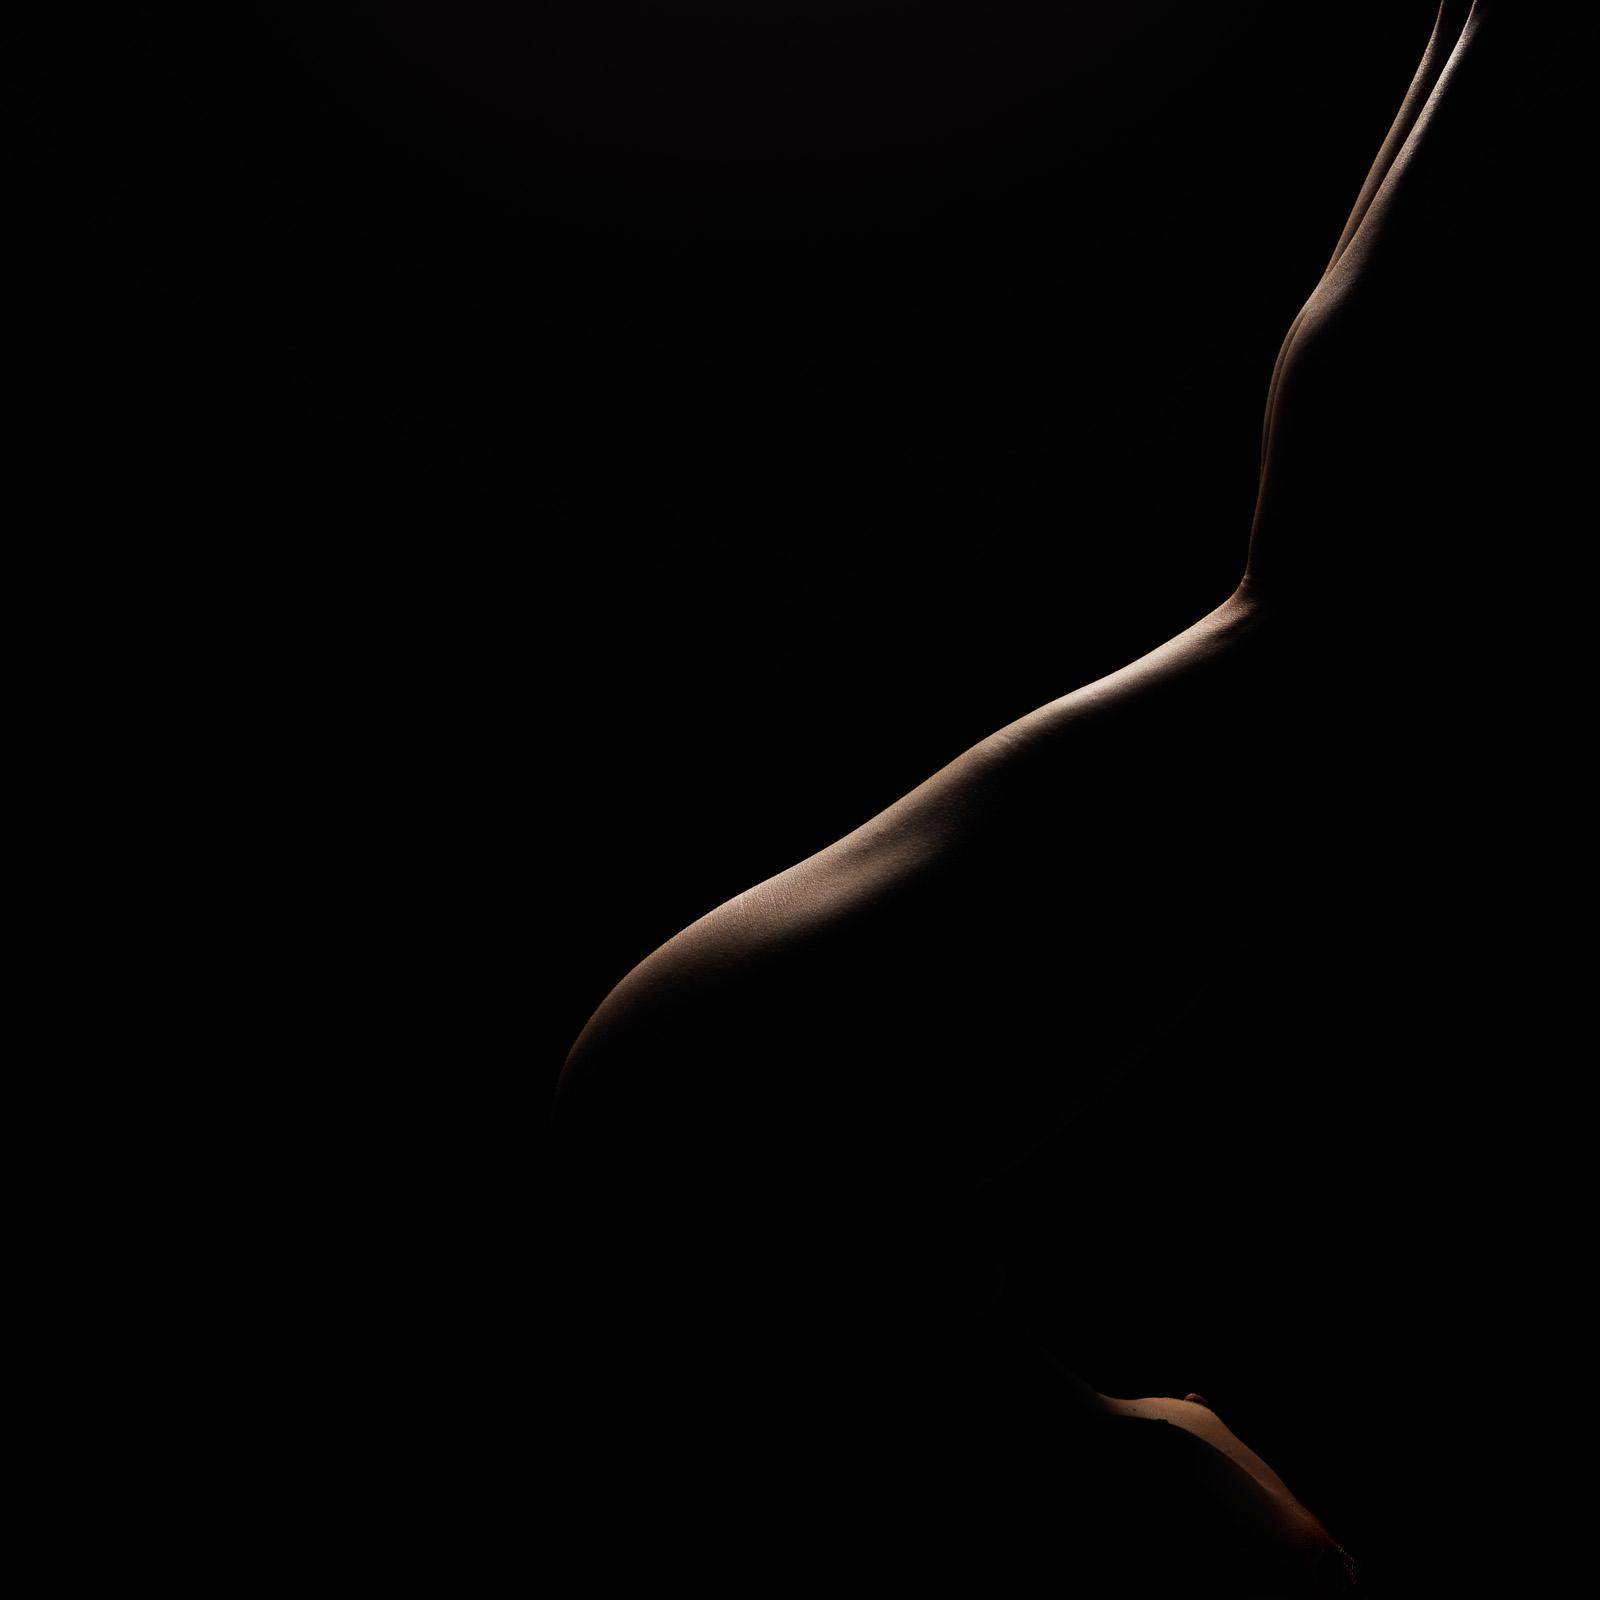 Bernard_Panier-BodyScapes-002.jpg